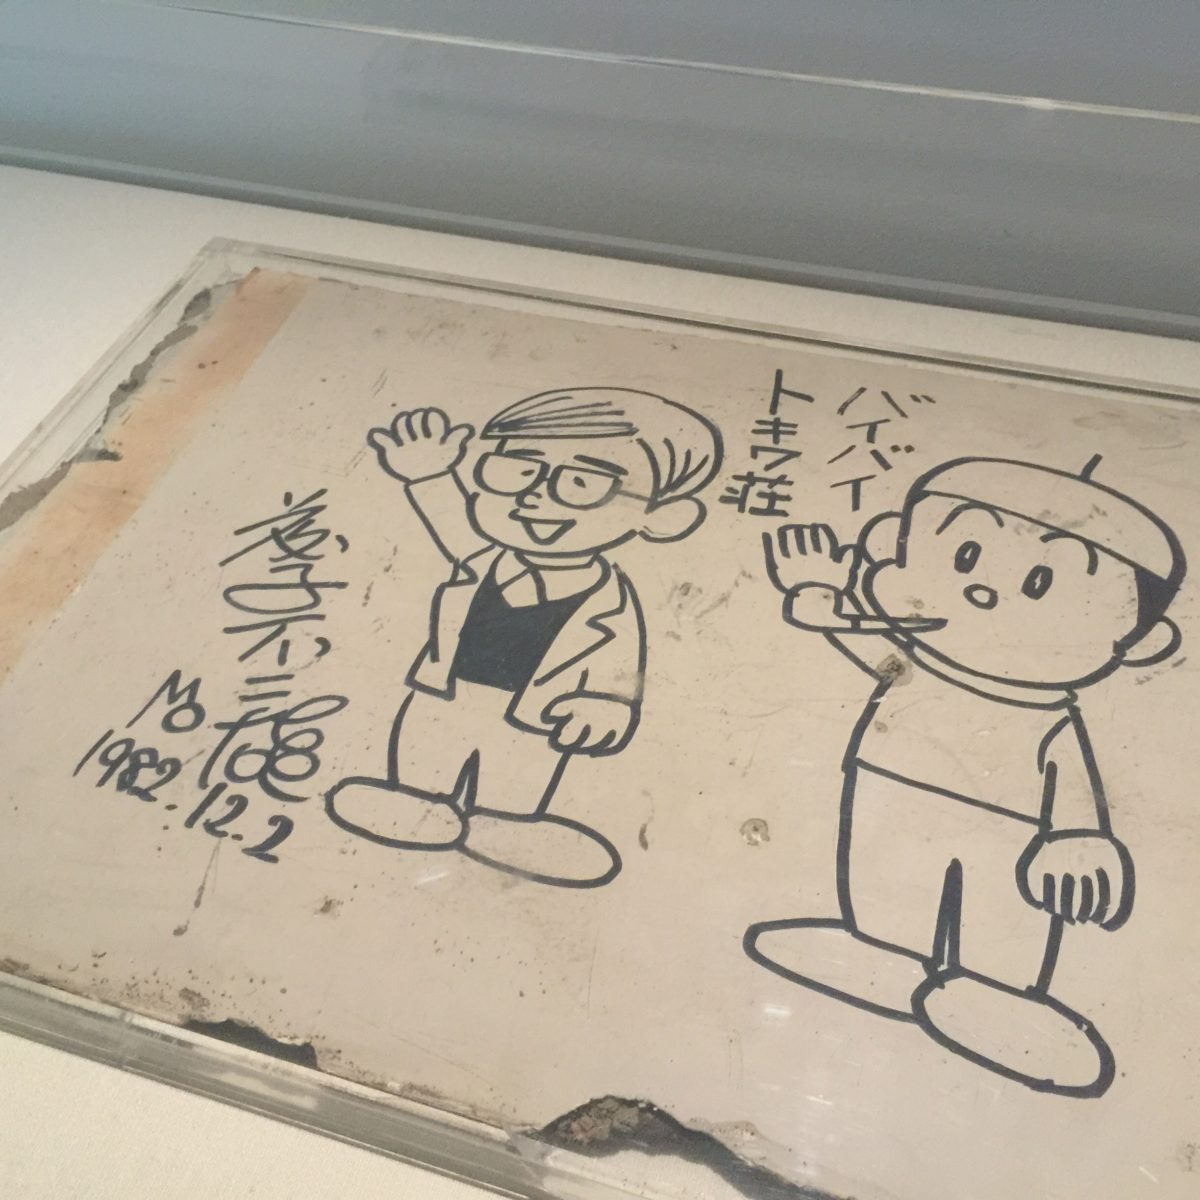 「藤子不二雄Ⓐ展」でのトキワ荘の壁に絵がれた漫画イラスト